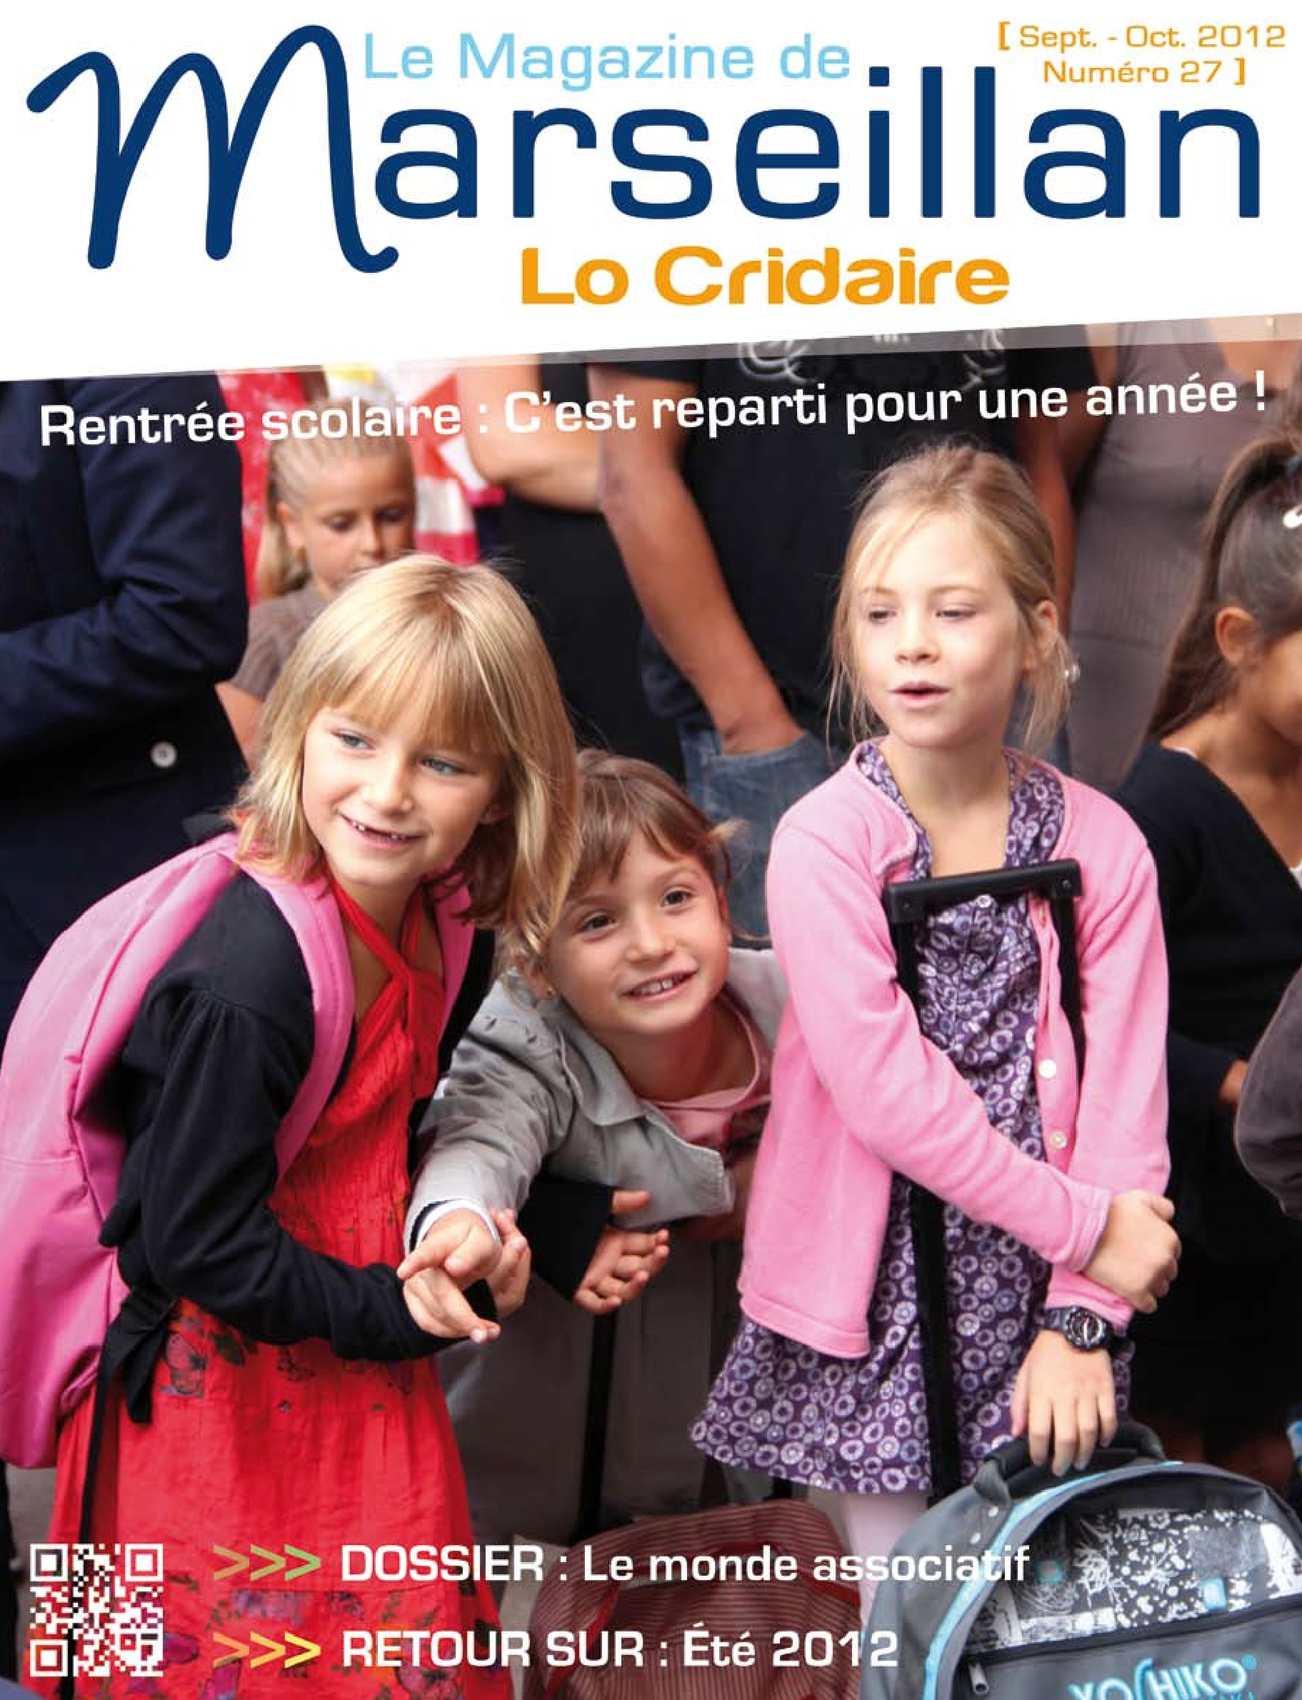 Calaméo - Lo Cridaïre n°27 - septembre octobre 2012 b961a5650a9